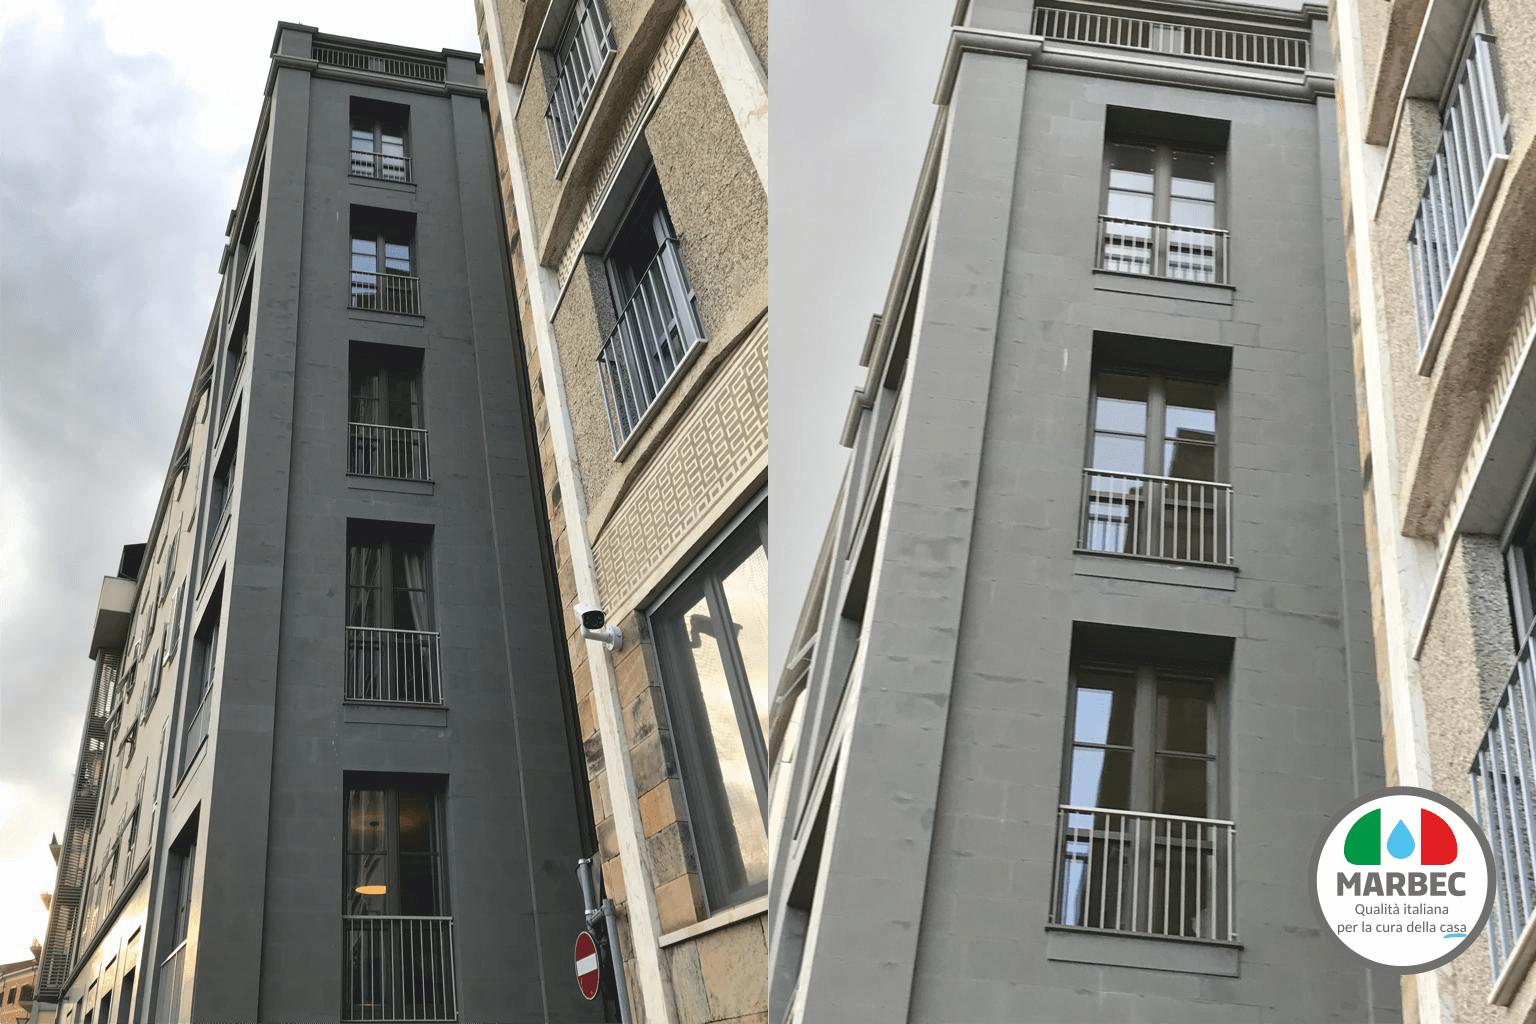 Marbec   come effettuare ripristino facciata esterna